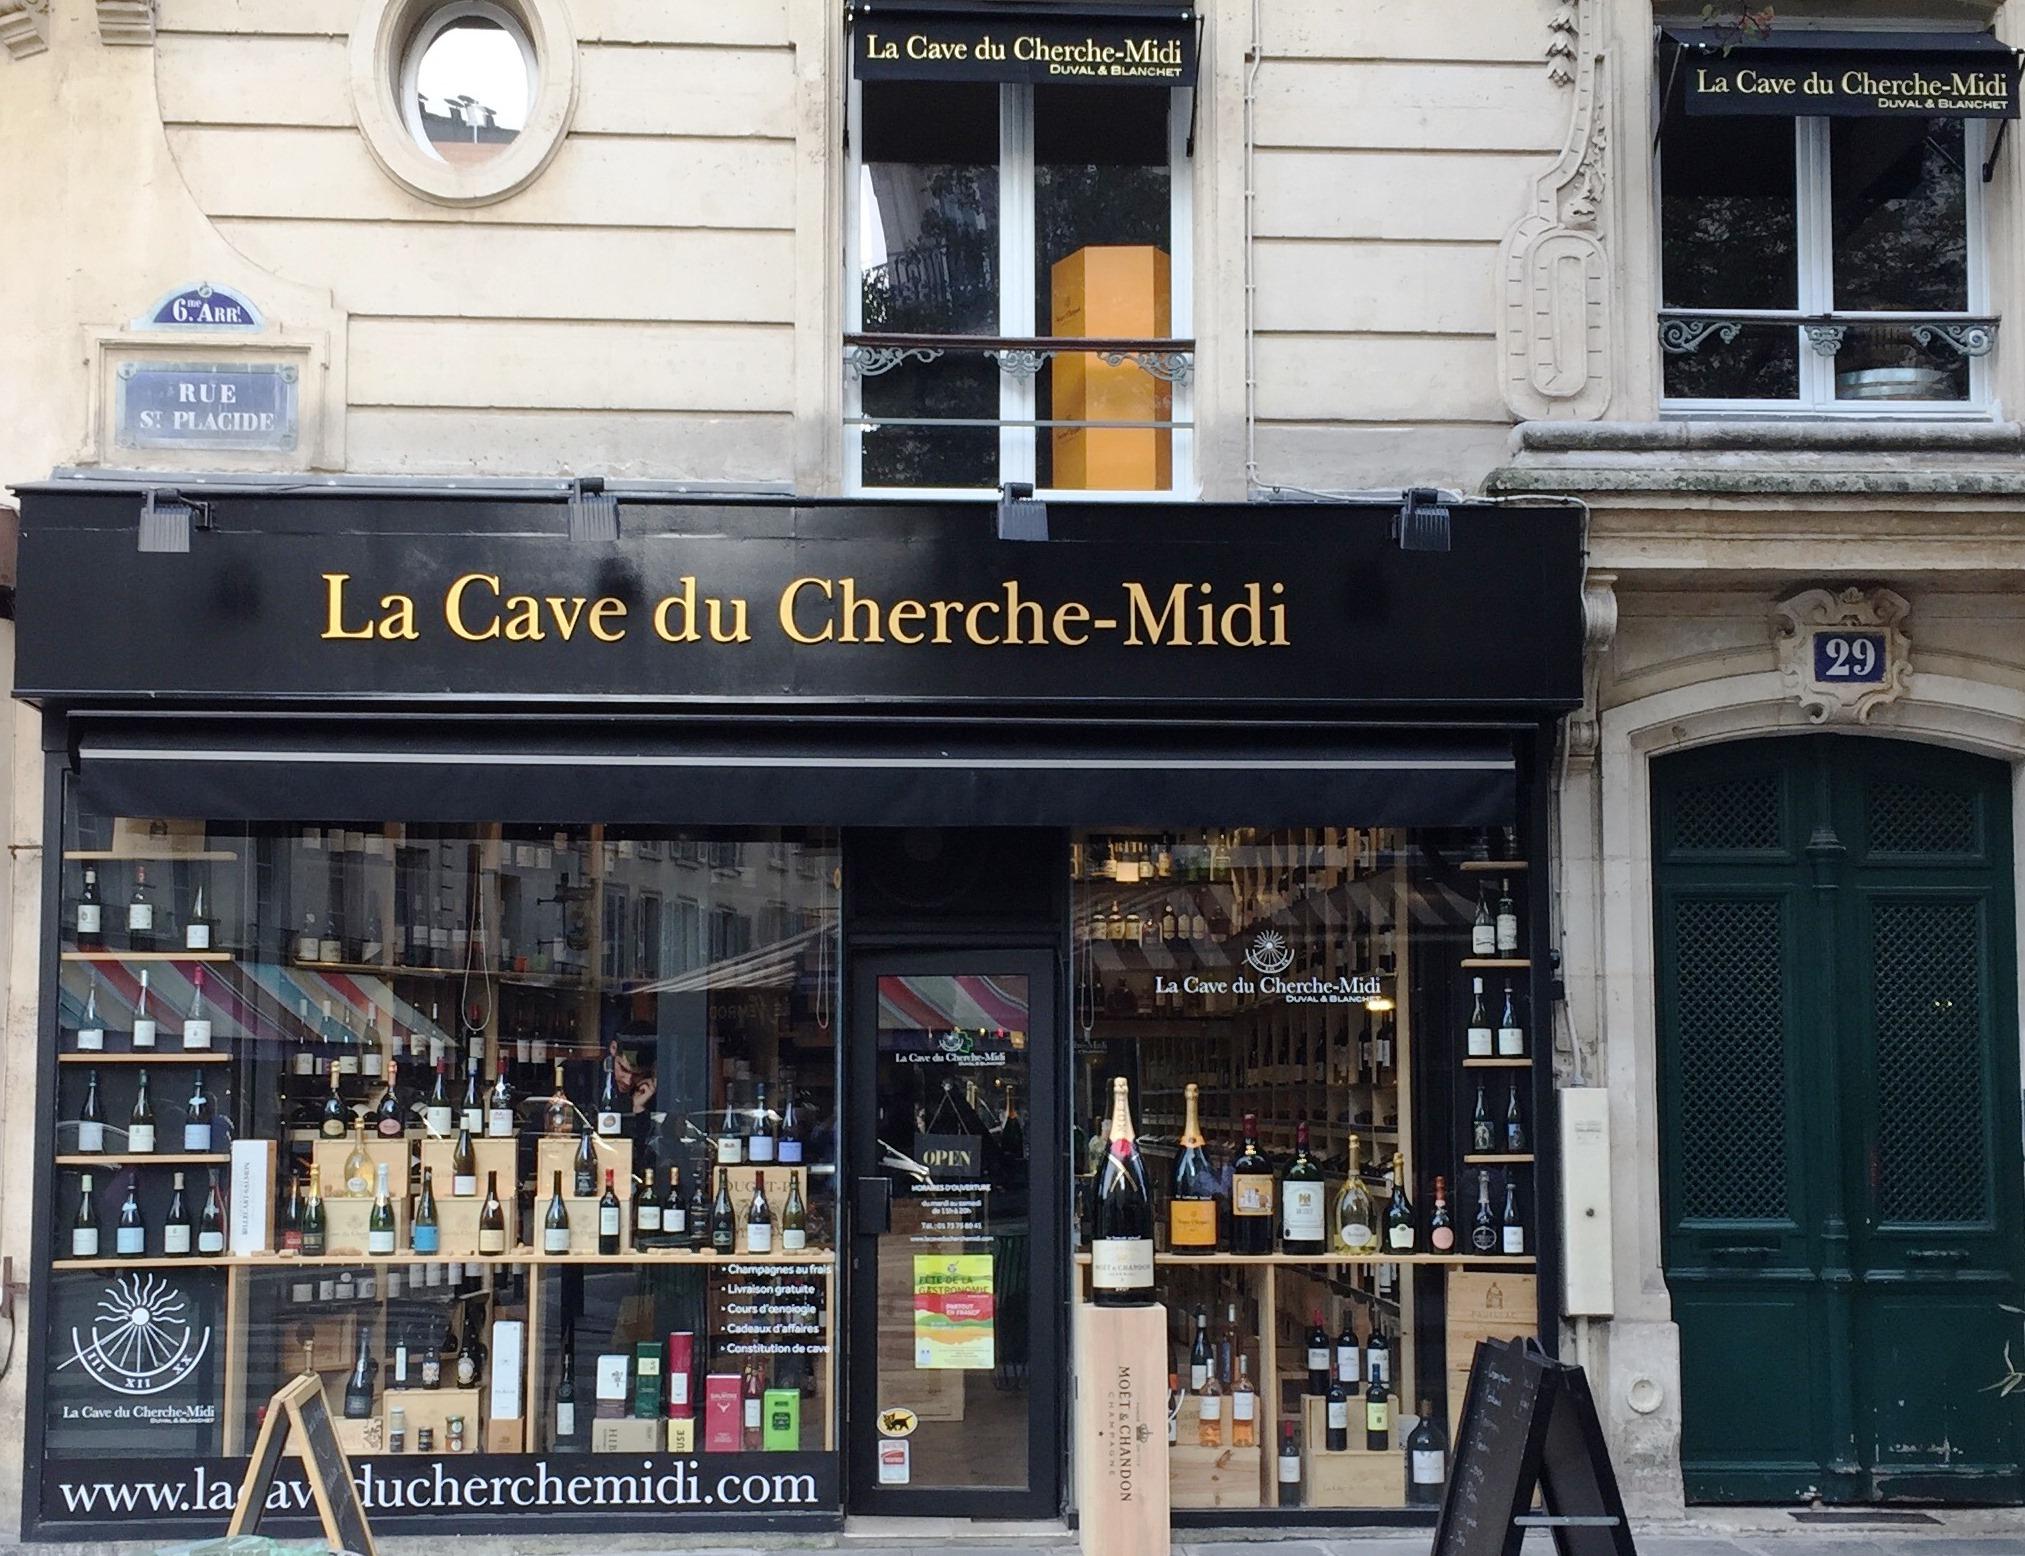 La cave du cherche midi paris achat vins en ligne bordeaux bourgogne champagne spiritueux - La cantine du troquet cherche midi ...